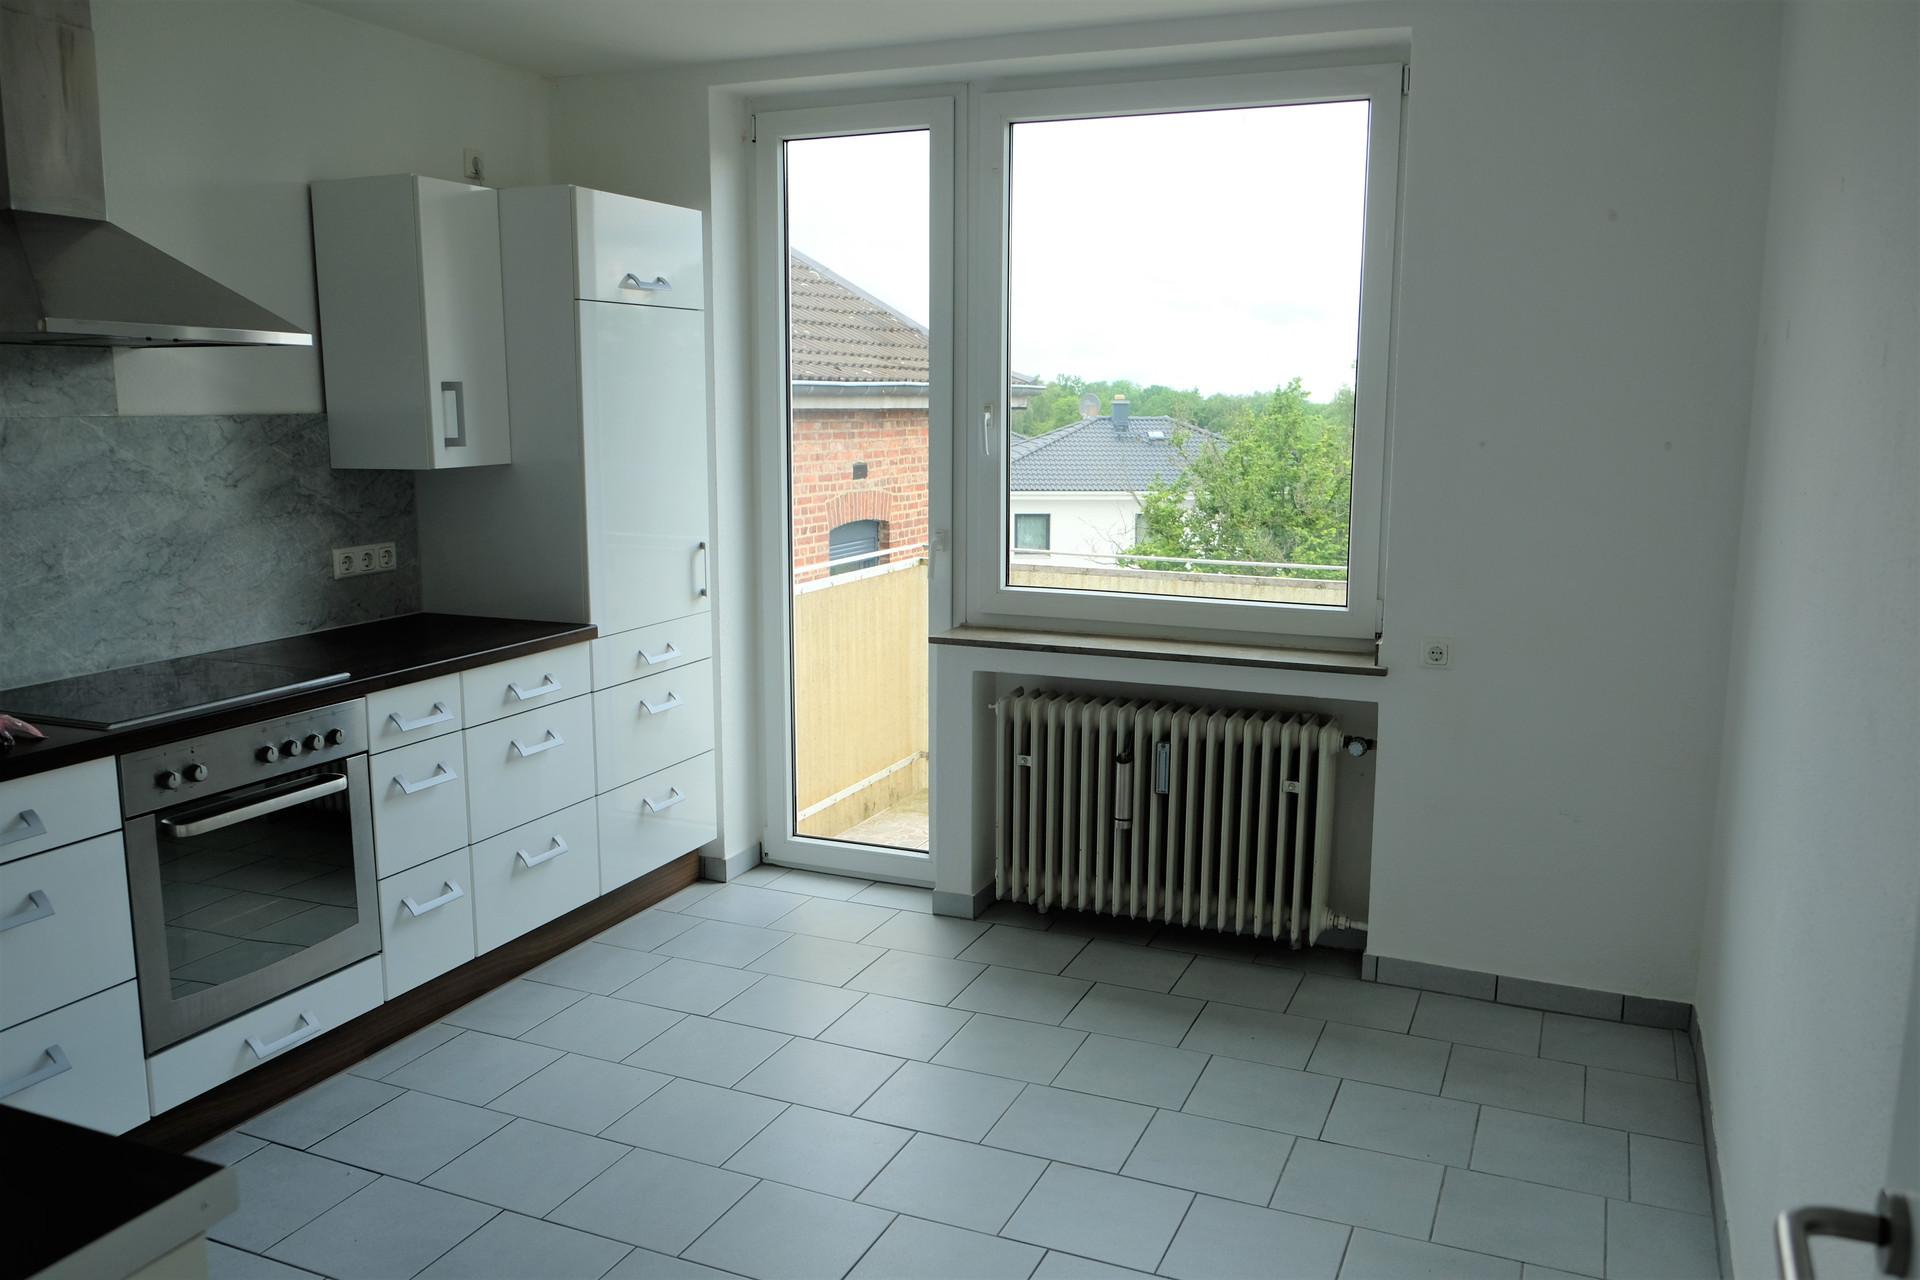 3-Zimmer-Wohnung mit Balkon in zentraler Lage I Aachen-Brand